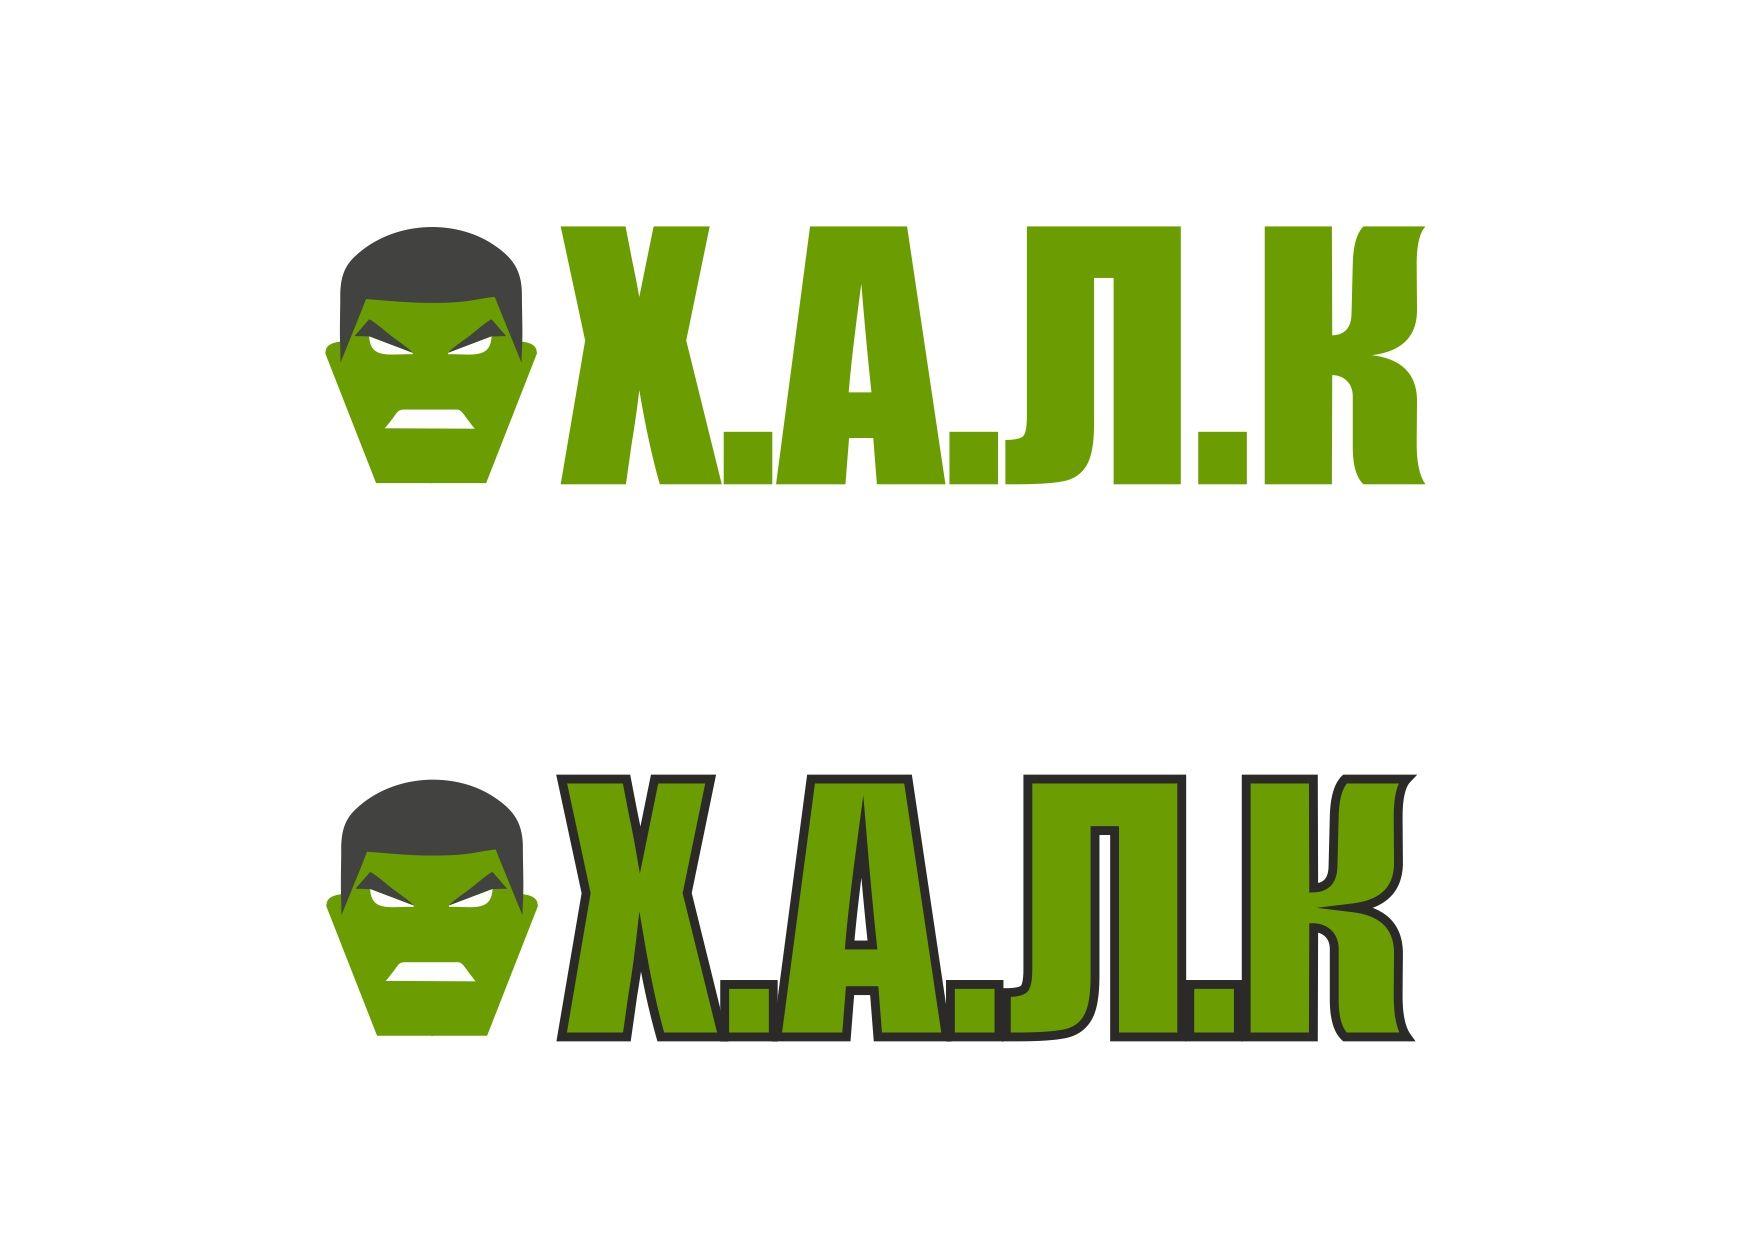 Лого и фирменный стиль для лазертаг клуба - дизайнер toster108